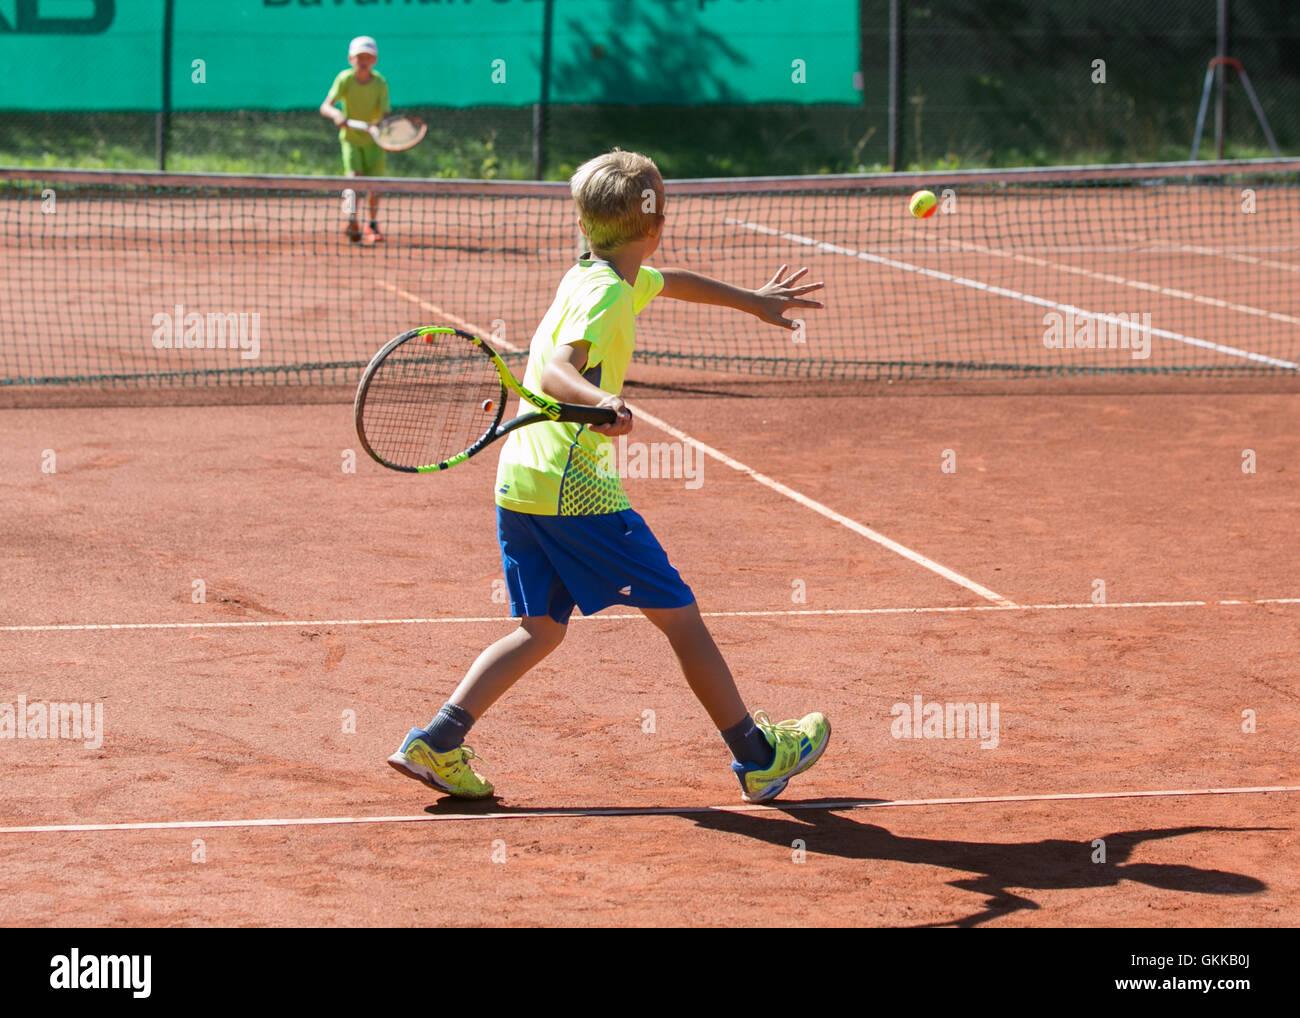 Los muchachos jugando a tenis. Imagen De Stock